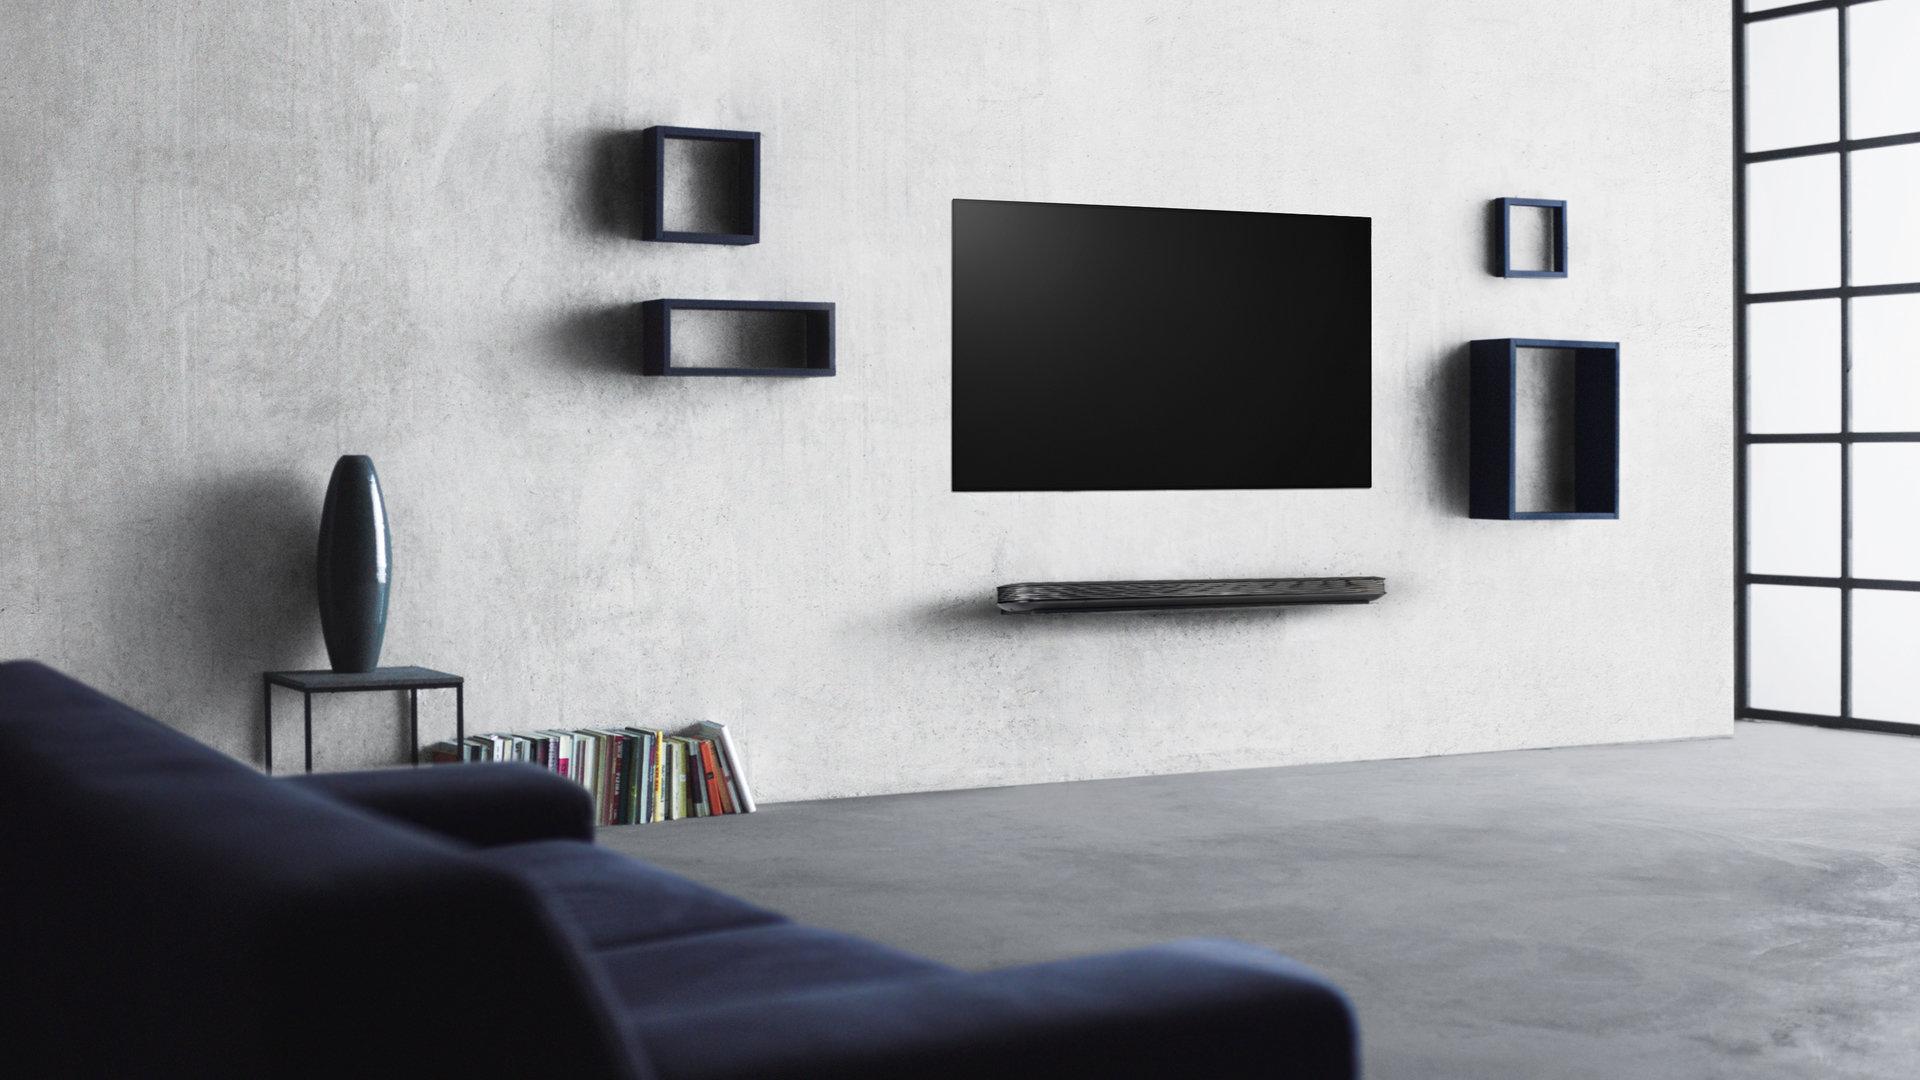 Zapomnij wszystko co wiesz o telewizorach - LG otwiera nowy rozdział na rynku telewizorów OLED